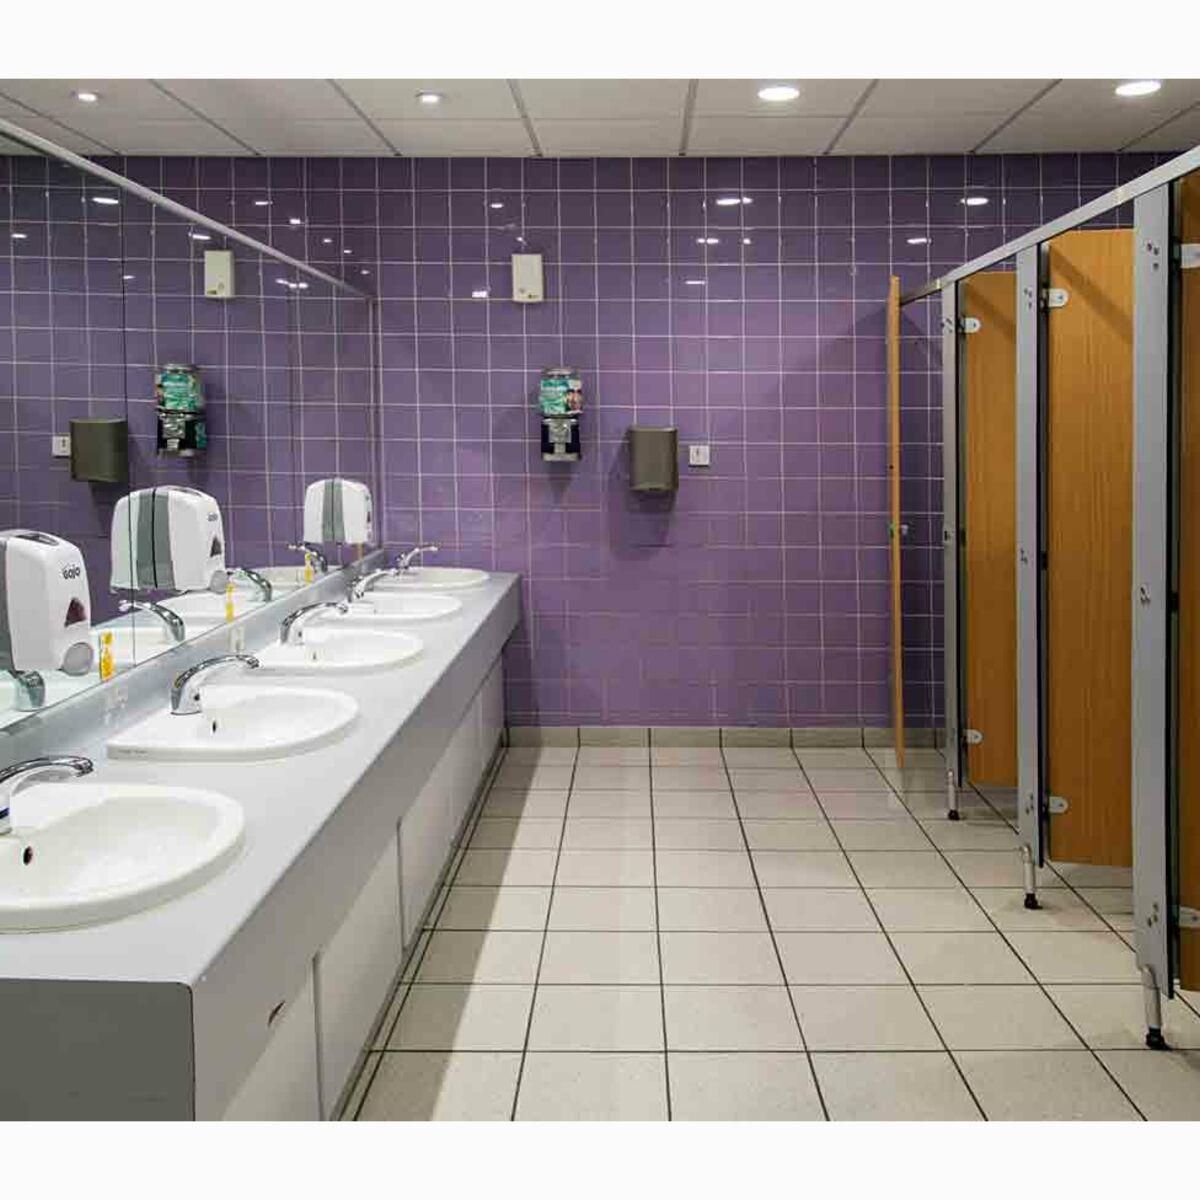 Dans les toilettes publiques, quels sont les cabinets les plus ...